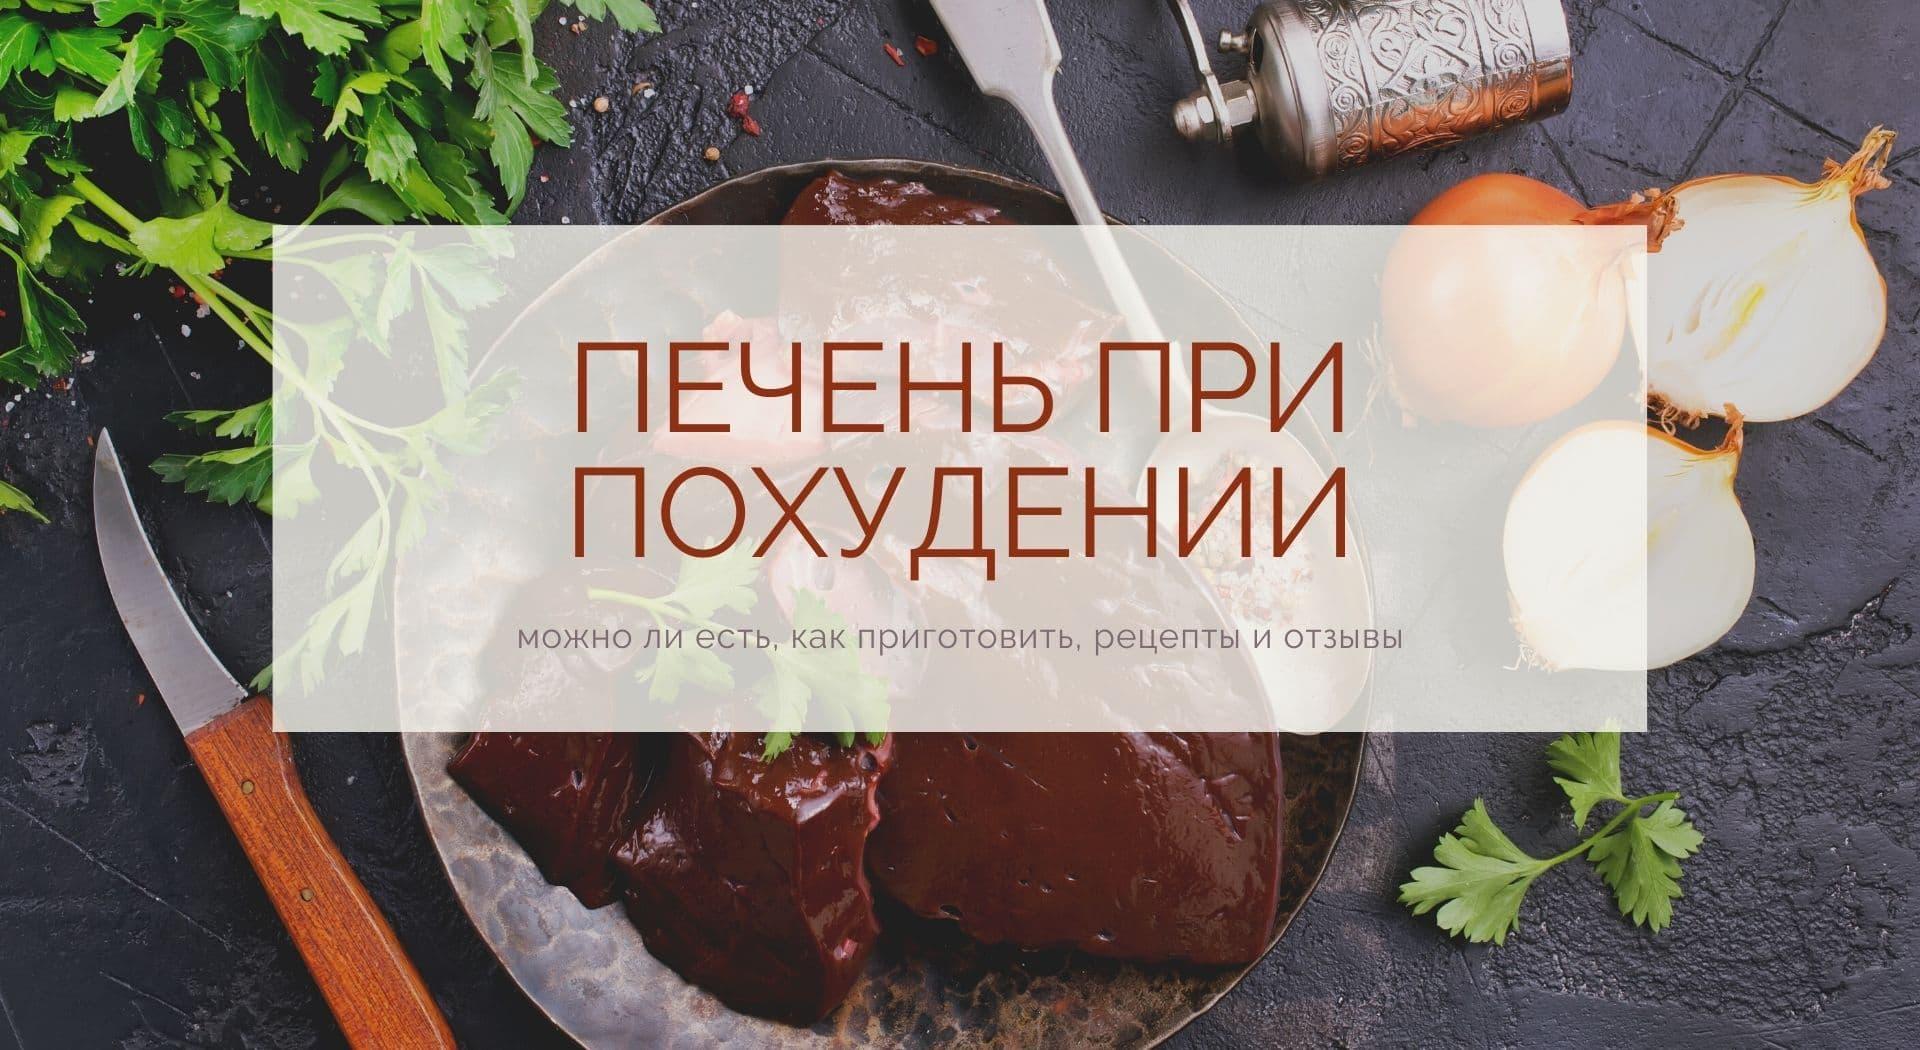 Печень при похудении: можно ли есть, как приготовить, рецепты и отзывы